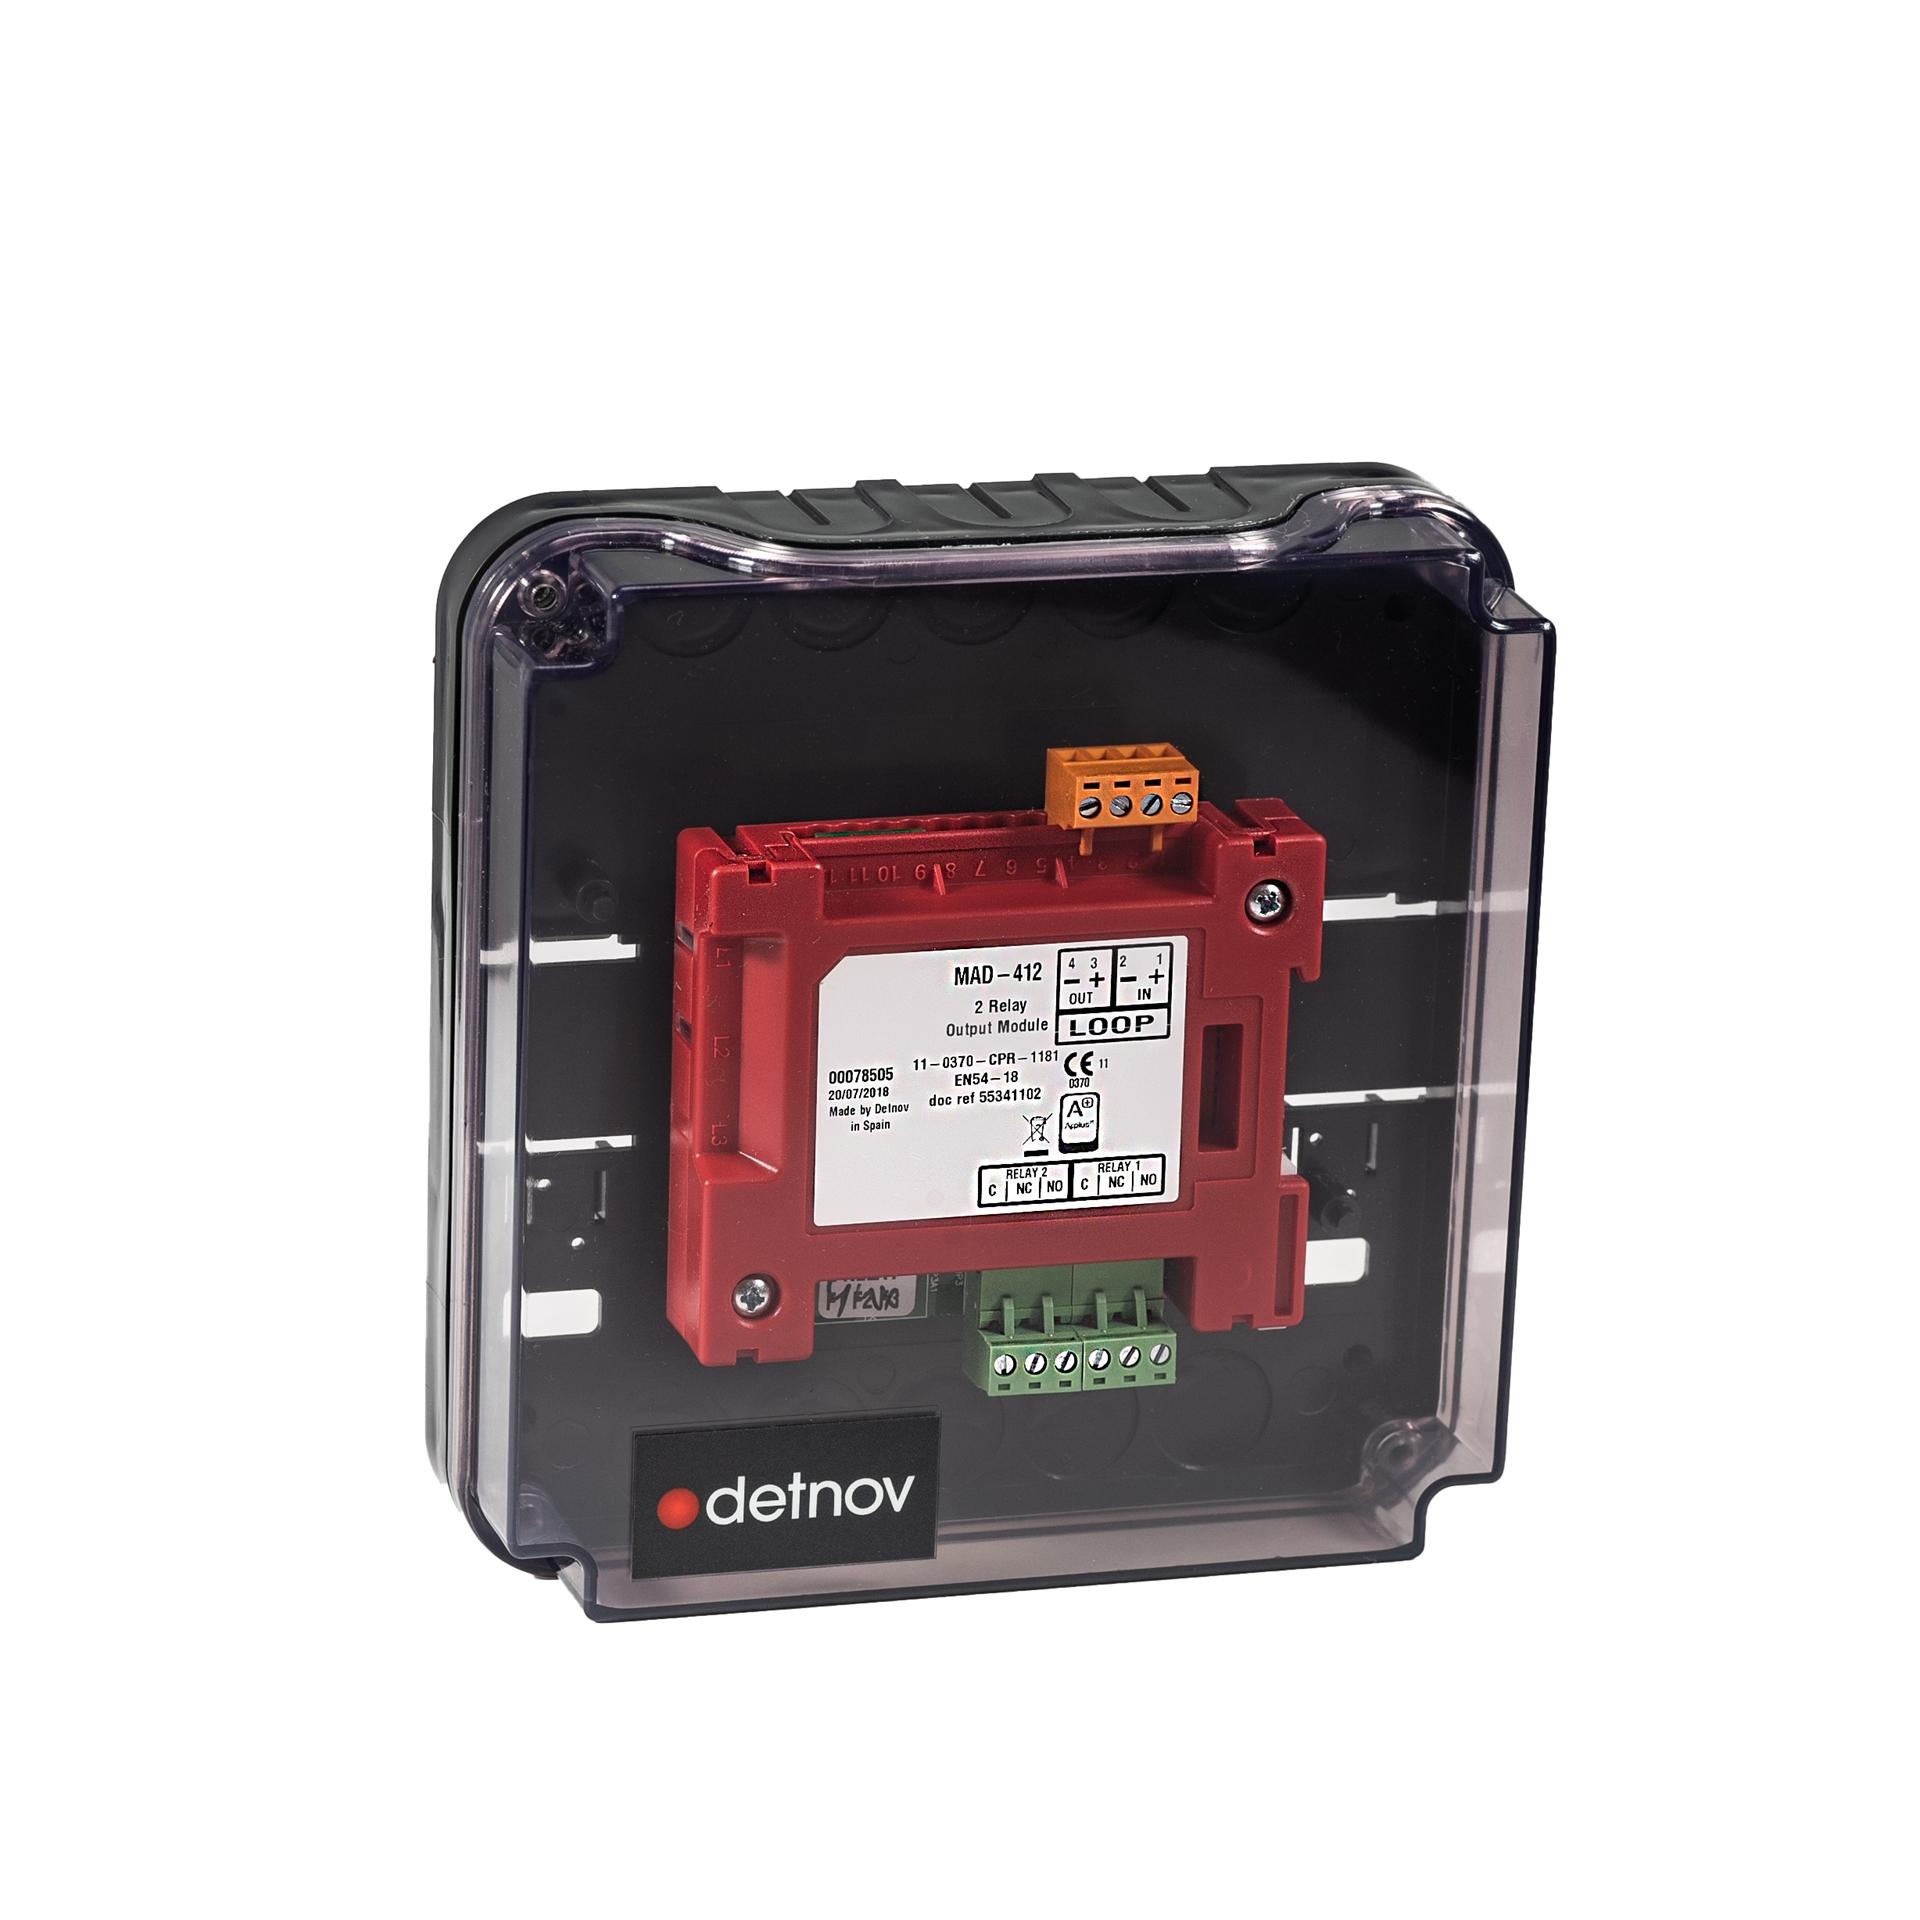 Picture of BOX-ONE  Διάφανο Κουτί Για Εγκατάσταση Ενός Module Σειρά Mad-400 Detnov